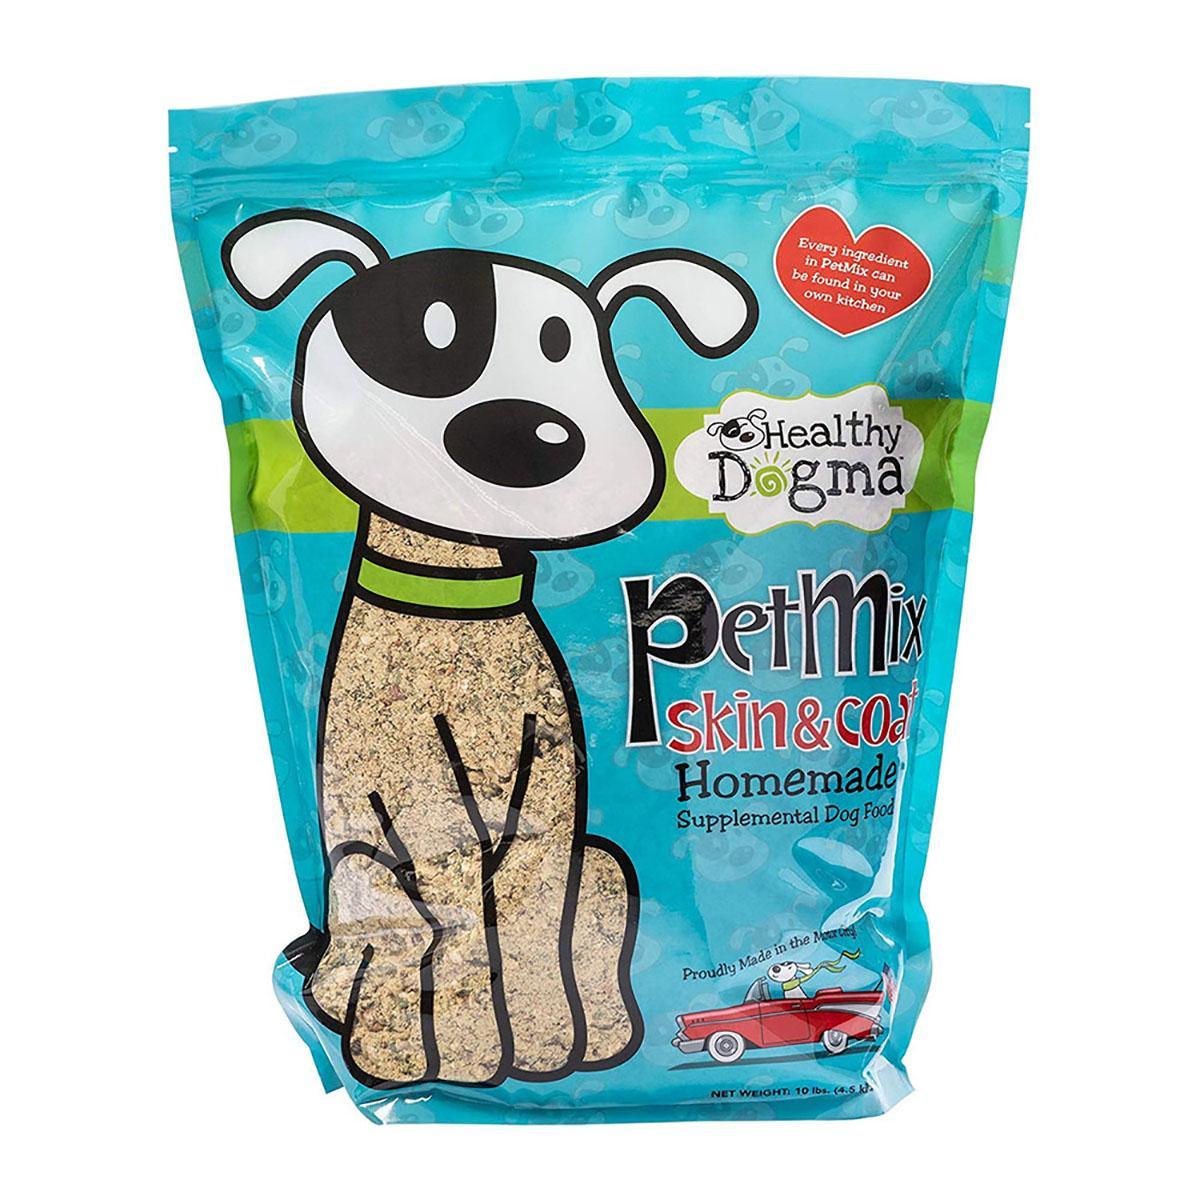 Healthy Dogma PetMix Skin & Coat Natural Homemade Dog Food Mixer